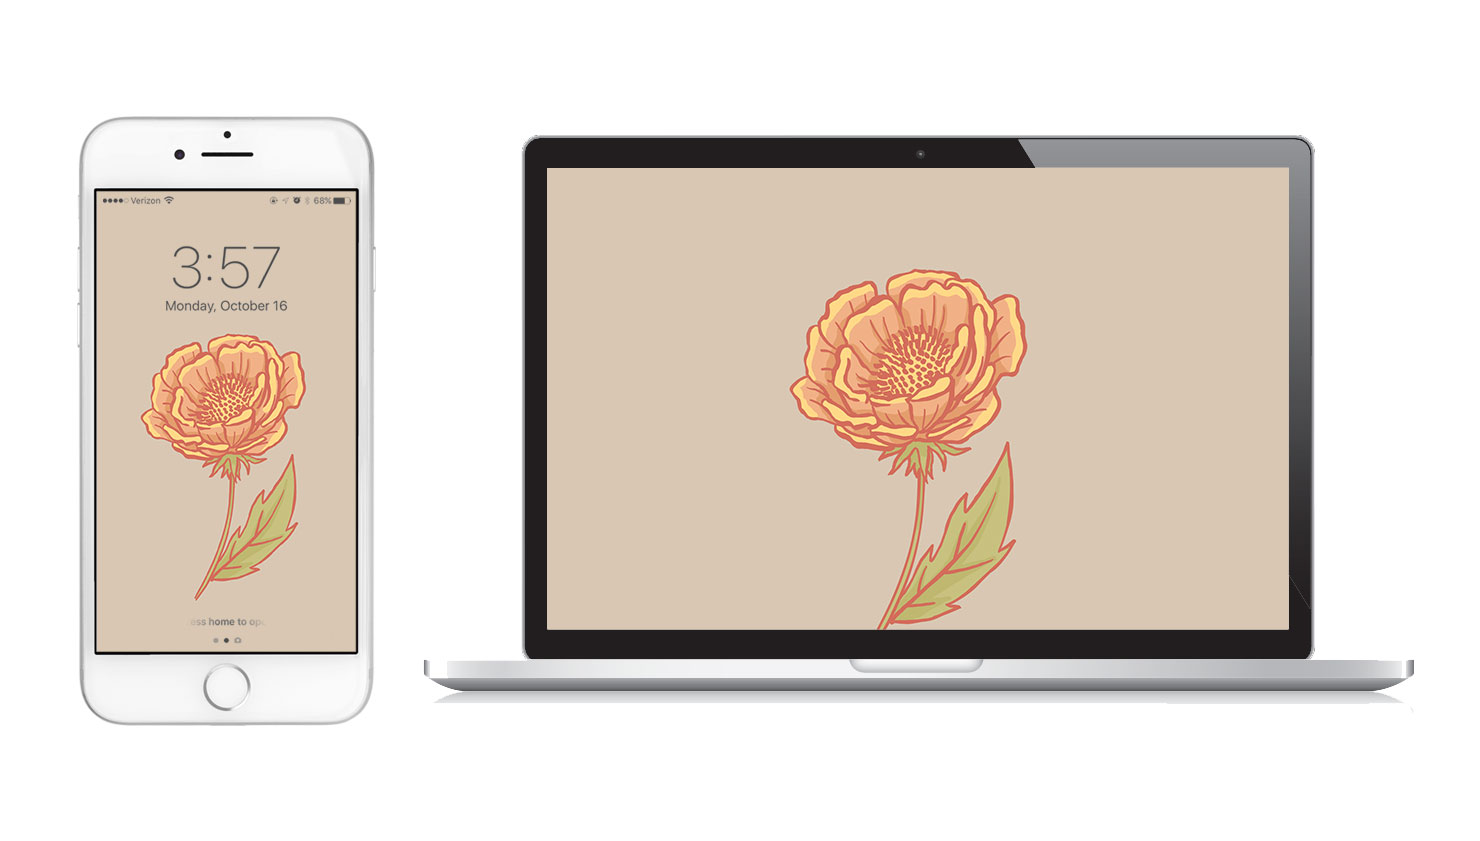 Flower_Mockup.jpg